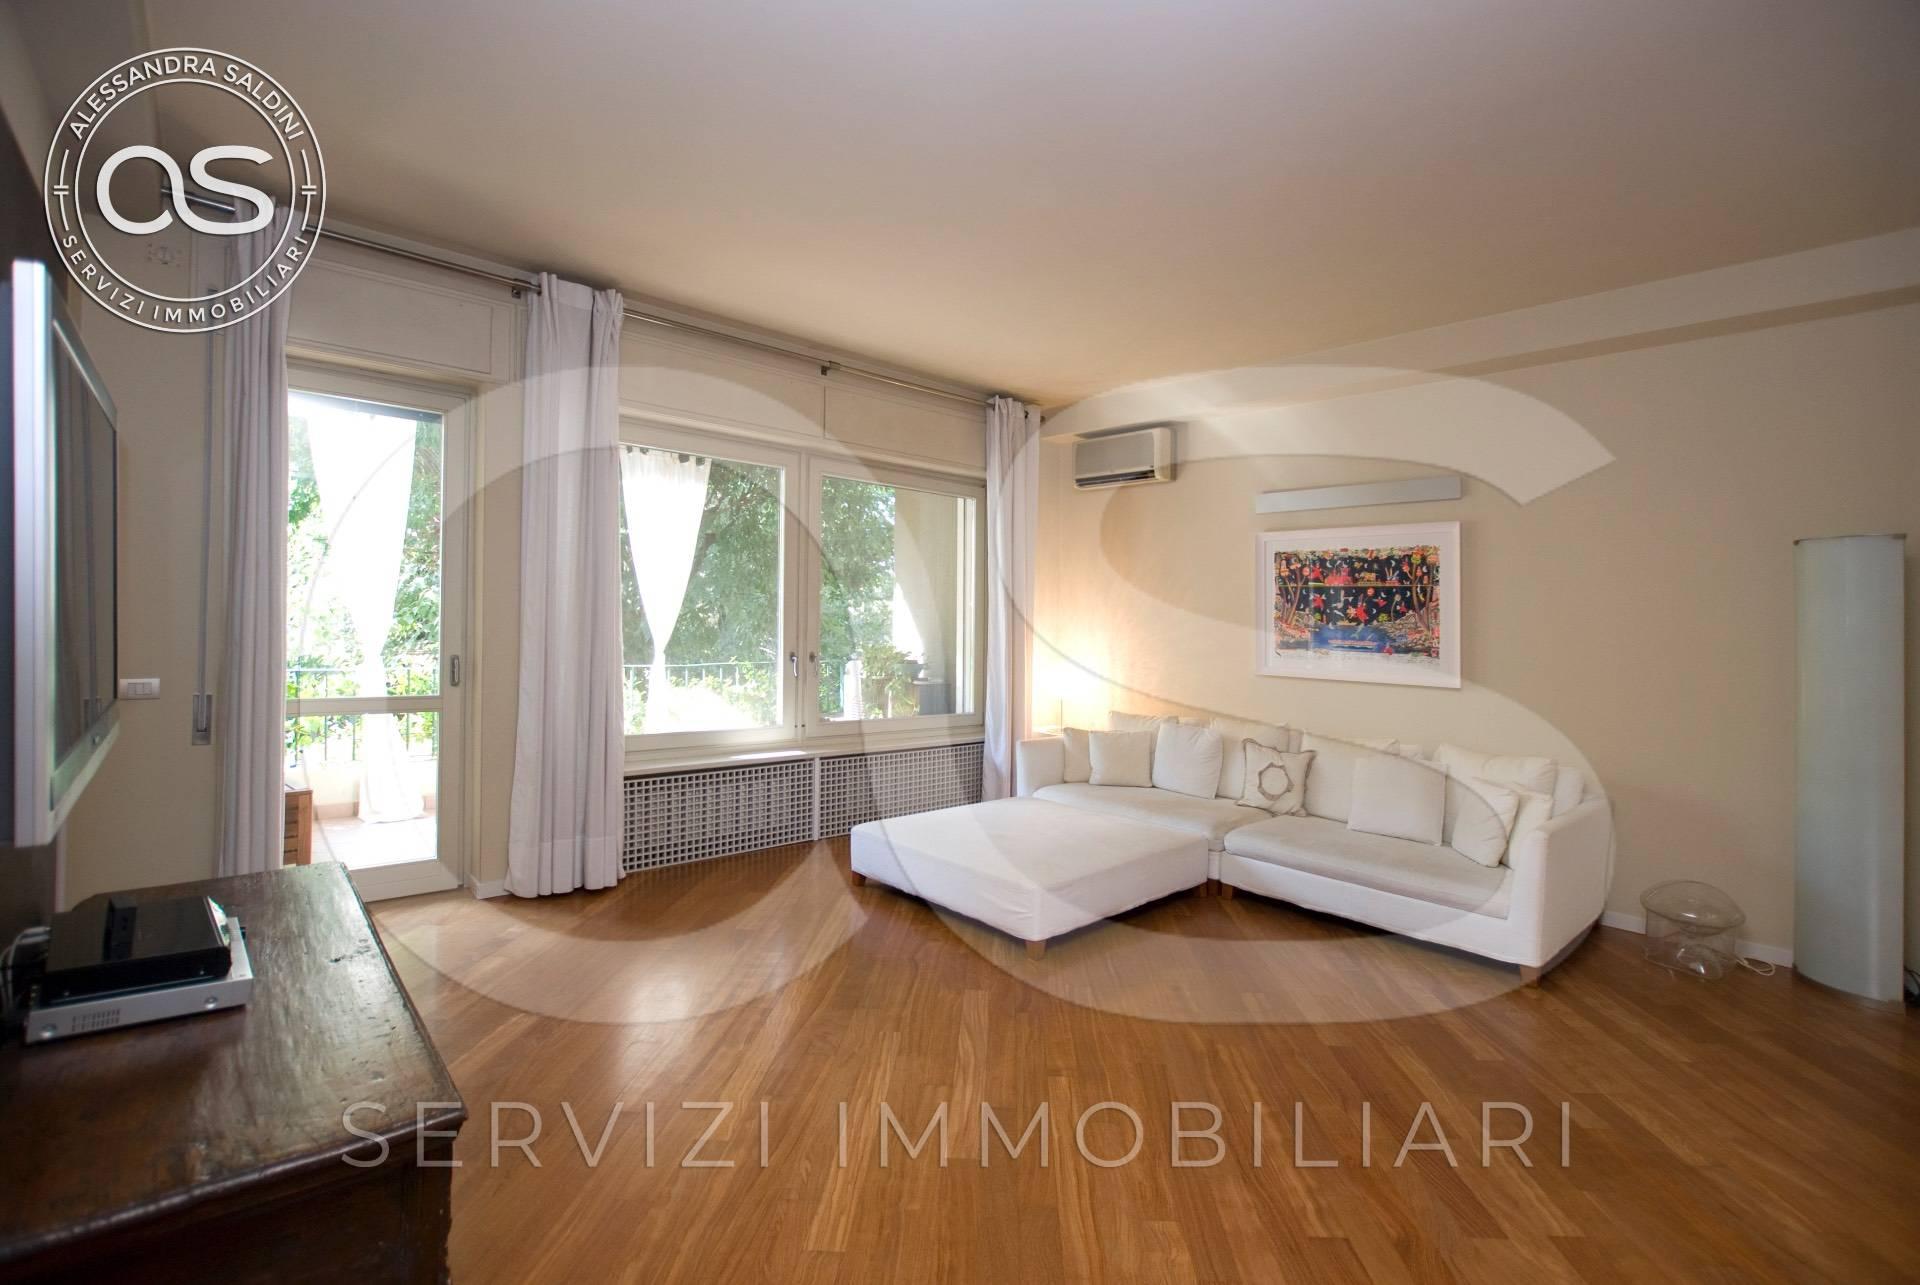 Appartamento in vendita a Manerbio, 5 locali, Trattative riservate | CambioCasa.it